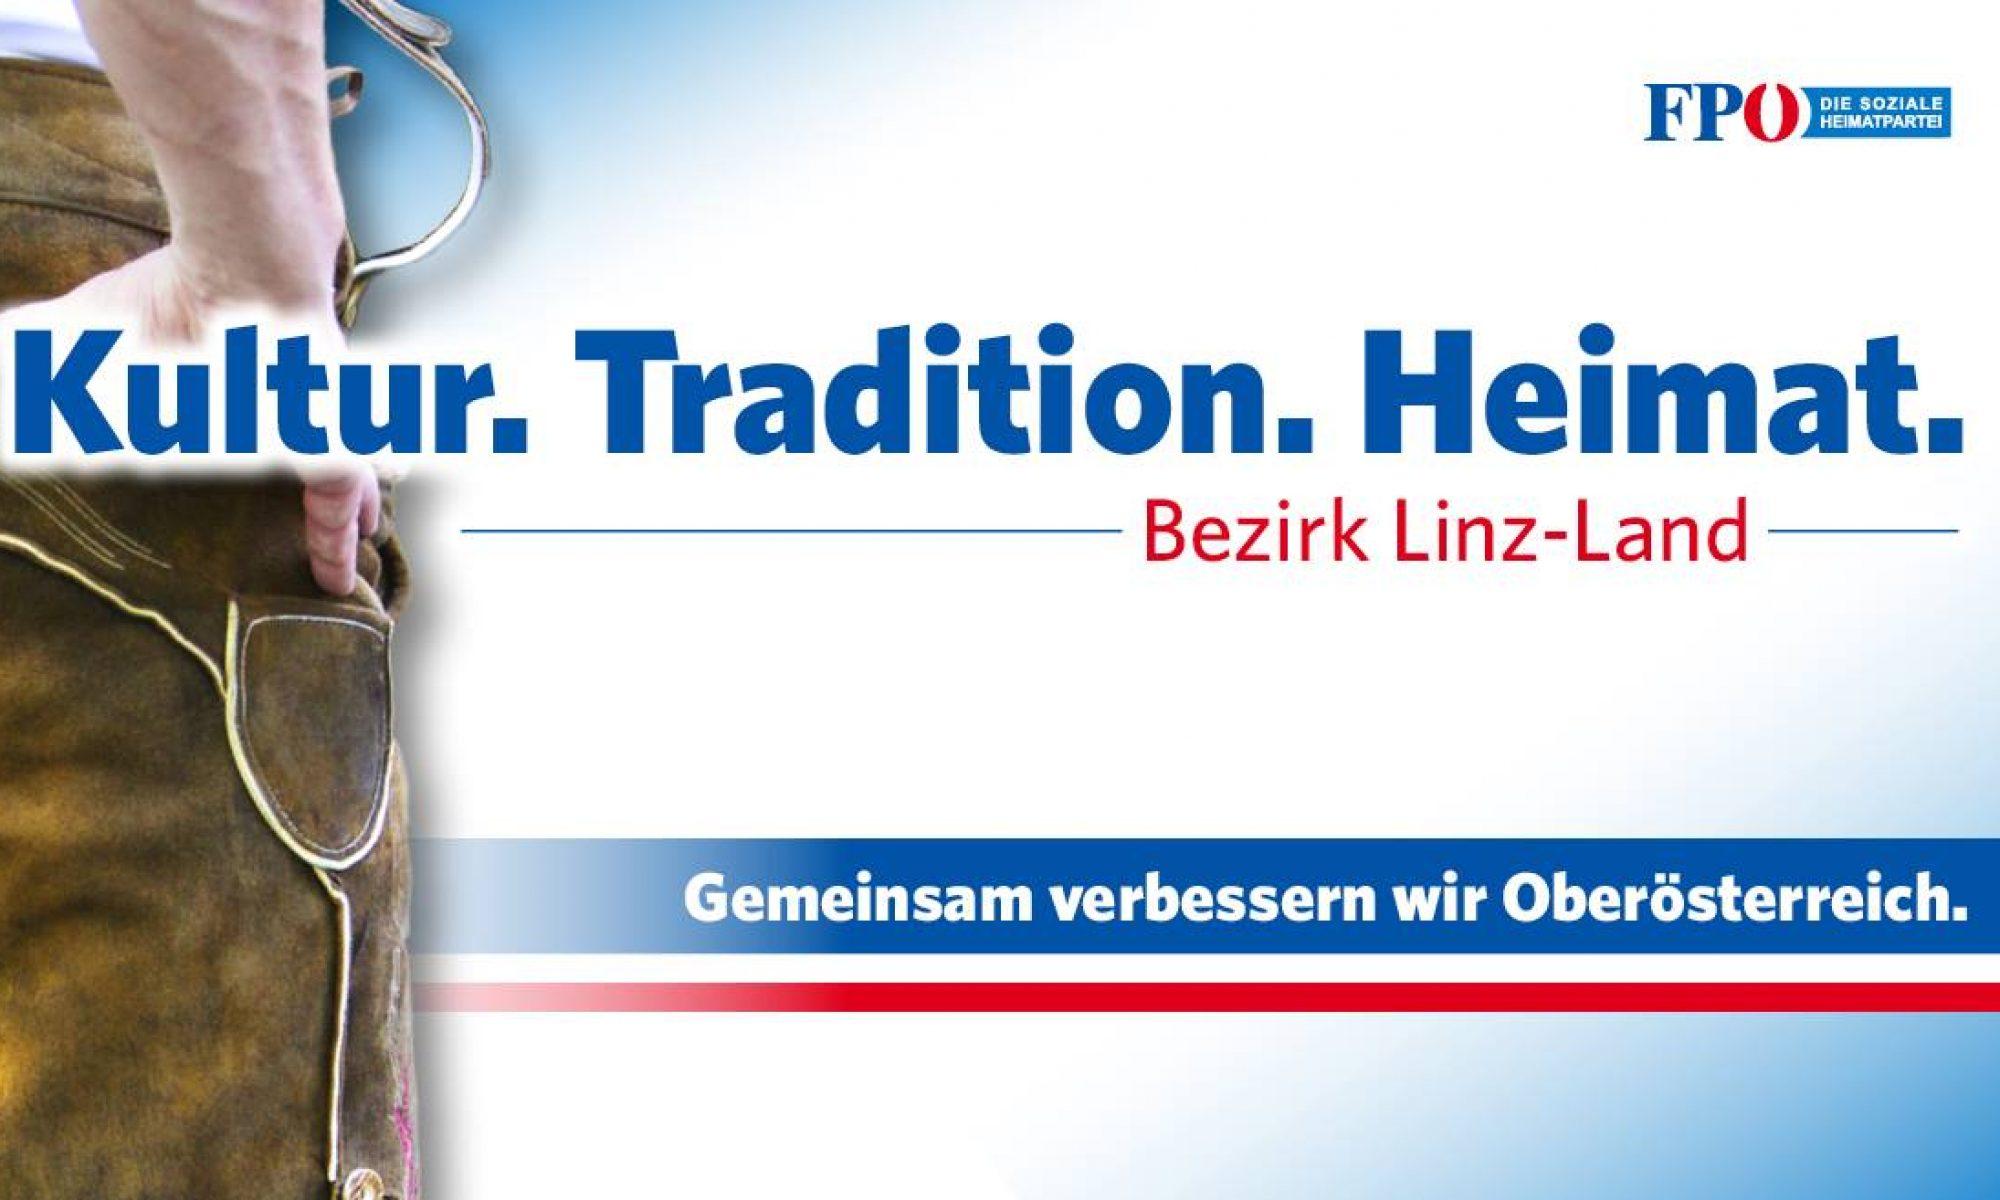 FPÖ Bezirk Linz-Land